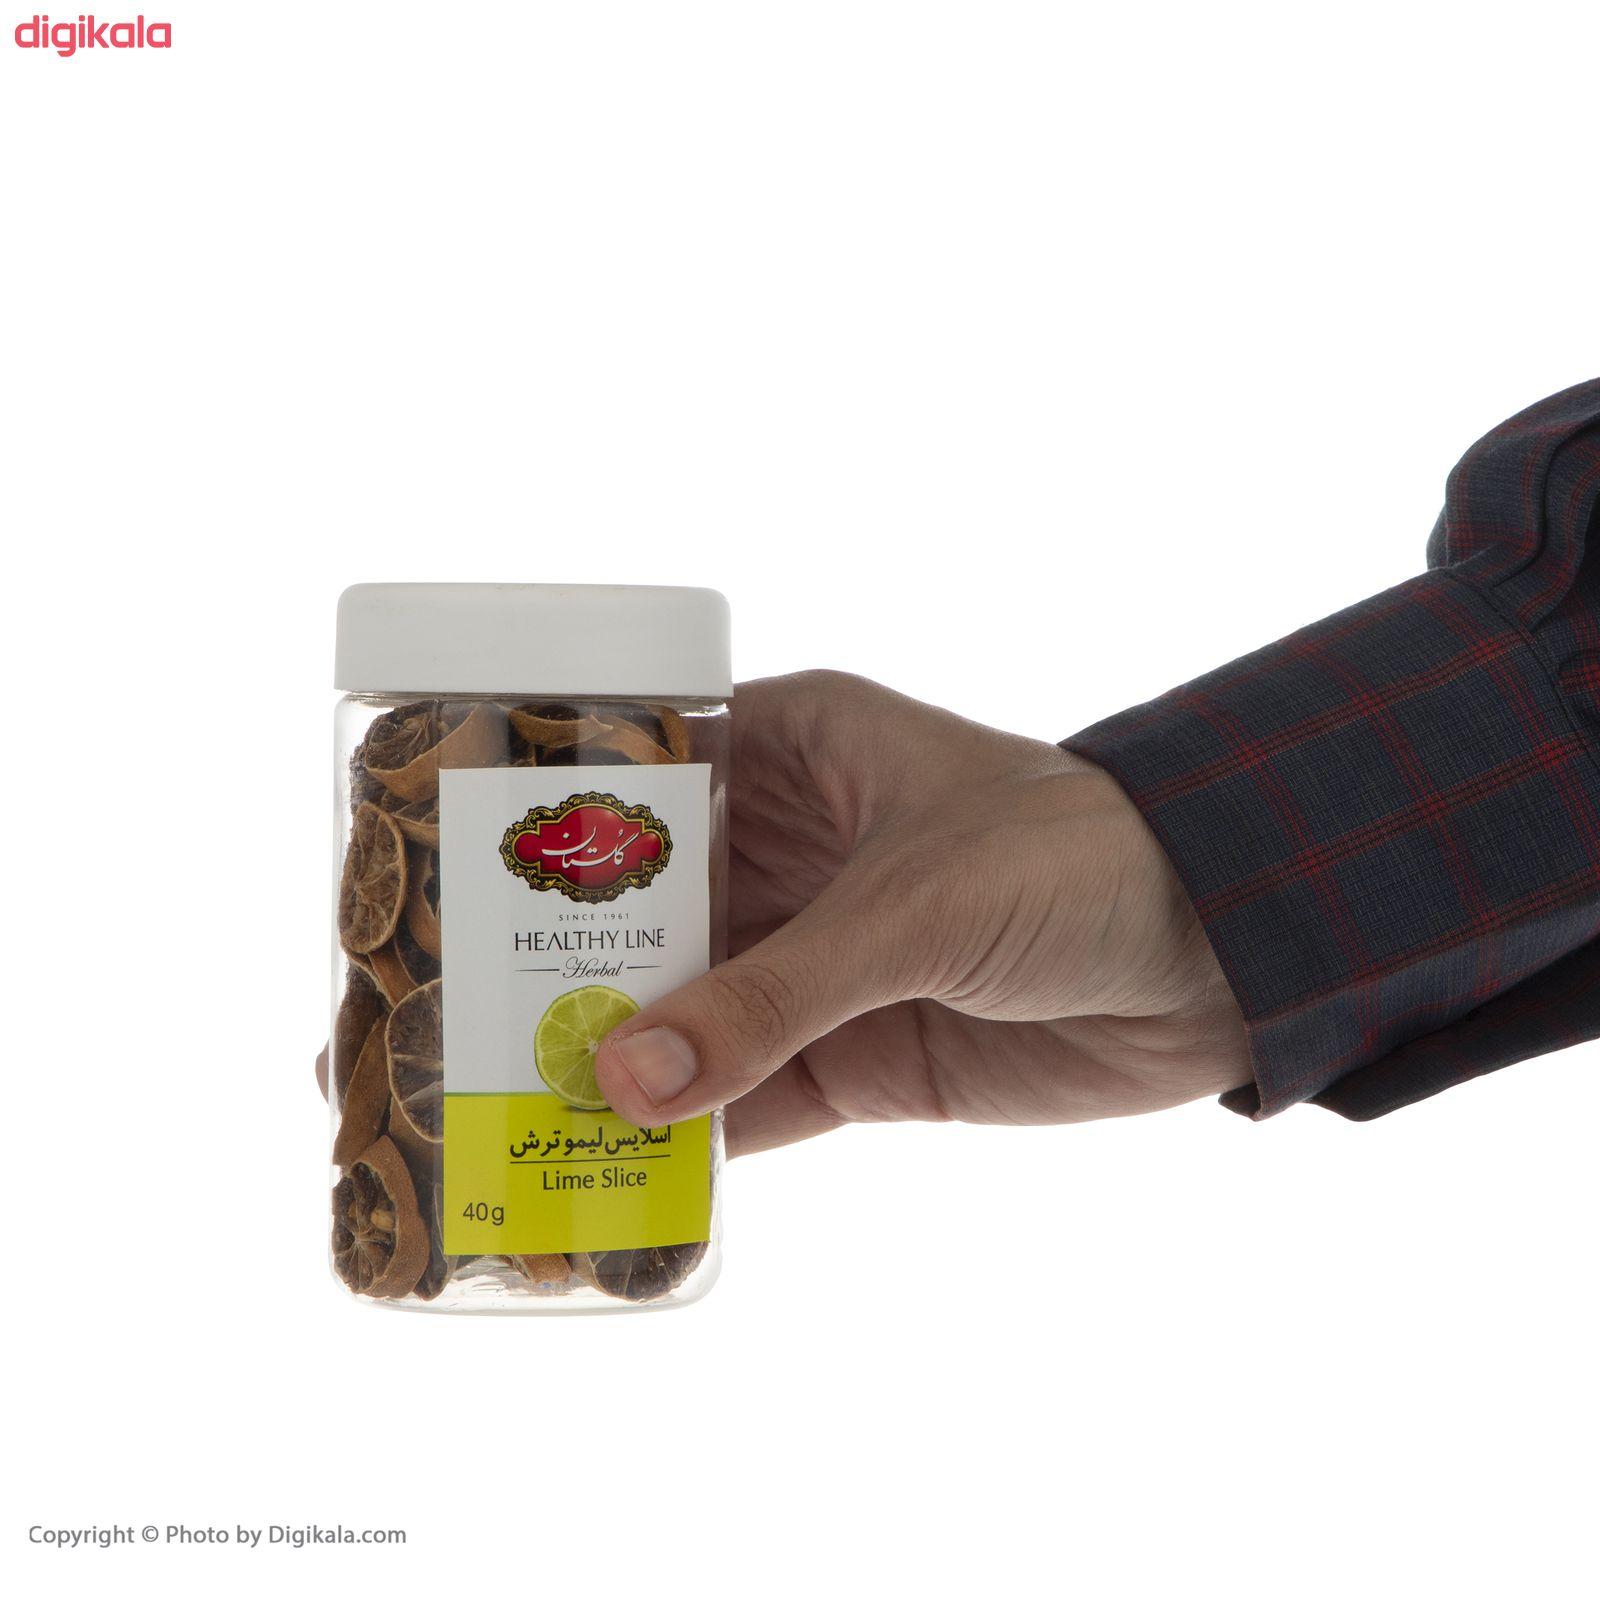 اسلایس لیمو ترش گلستان - 40 گرم  main 1 4